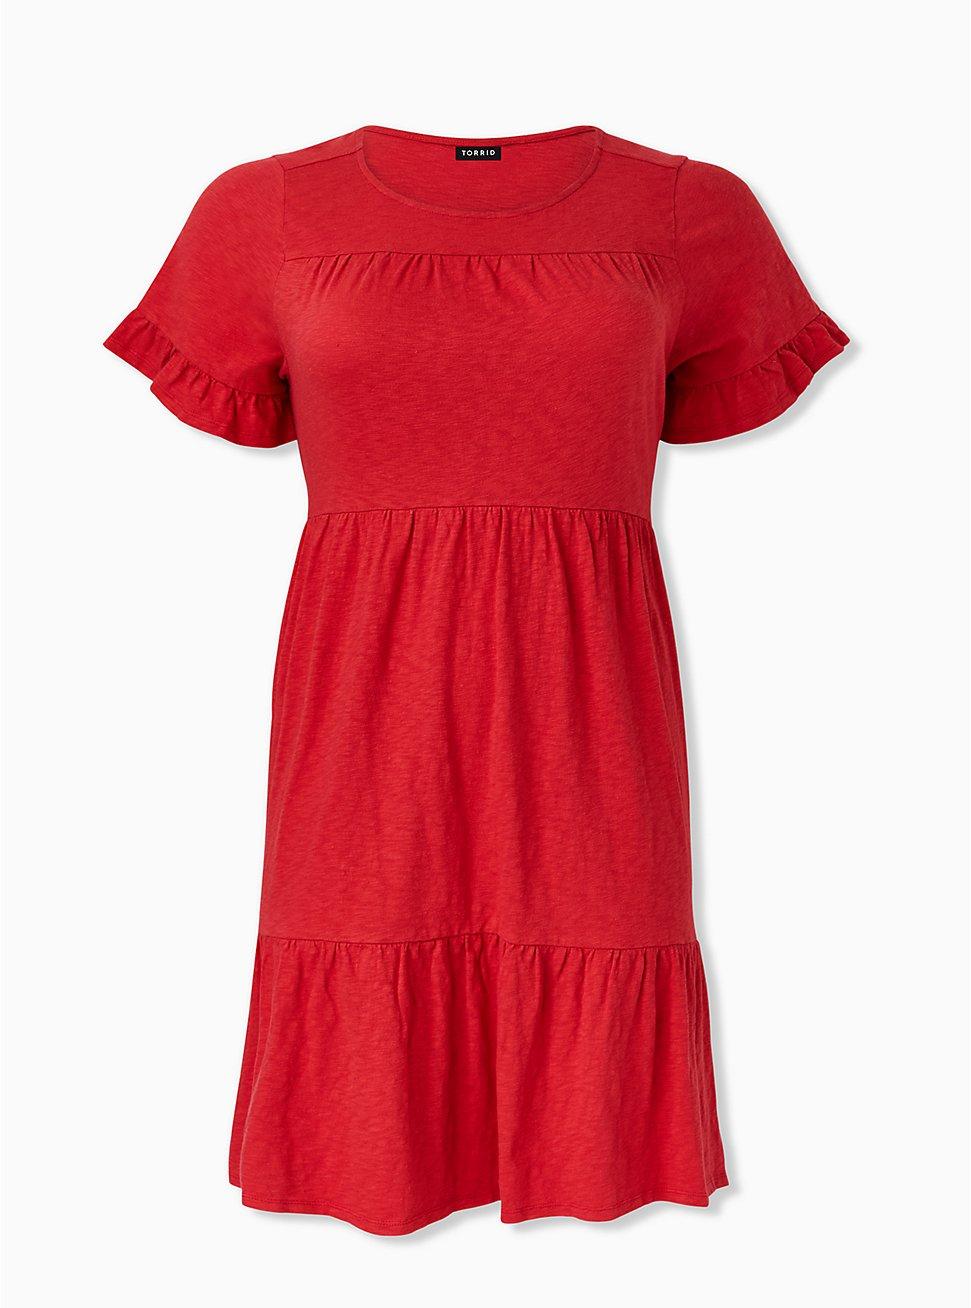 Red Slub Jersey Tiered Hem Mini Dress, AMERICAN BEAUTY, hi-res